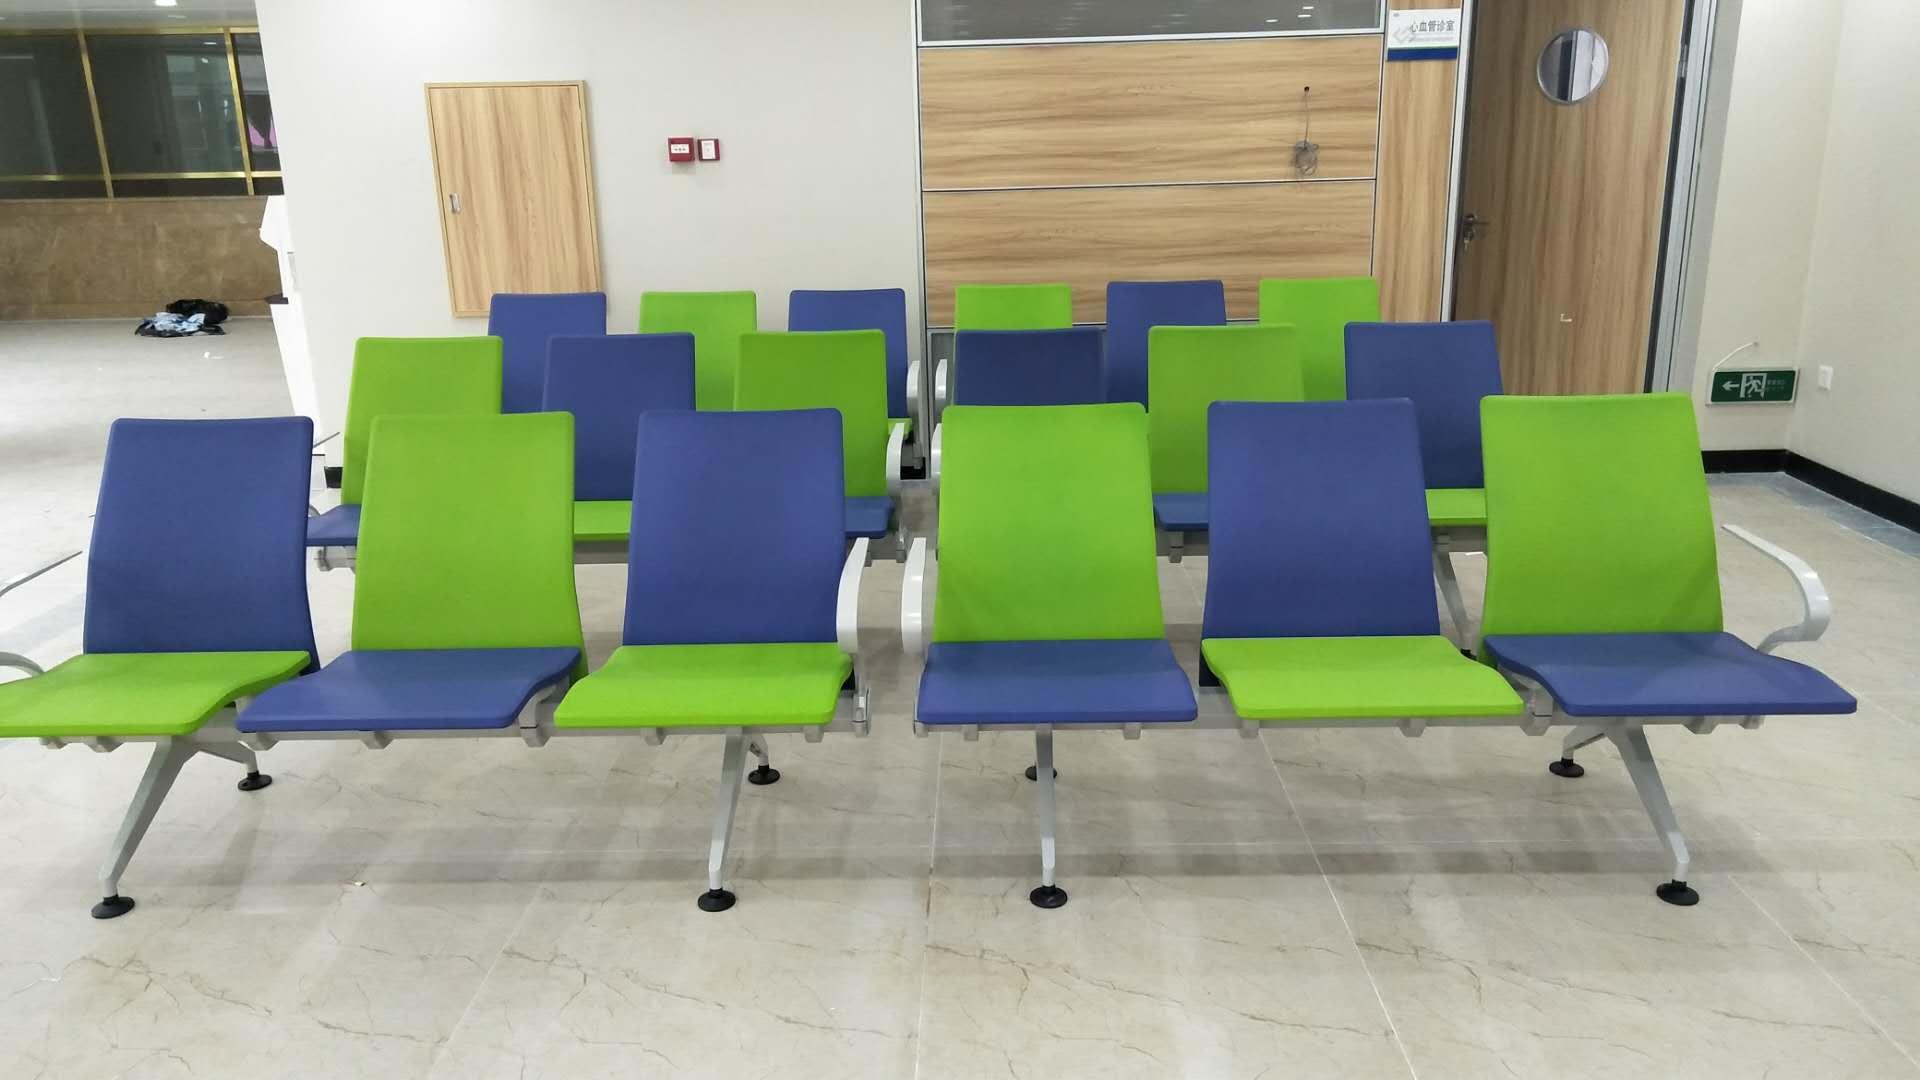 礼堂椅设计的规划特色及产品特点分析